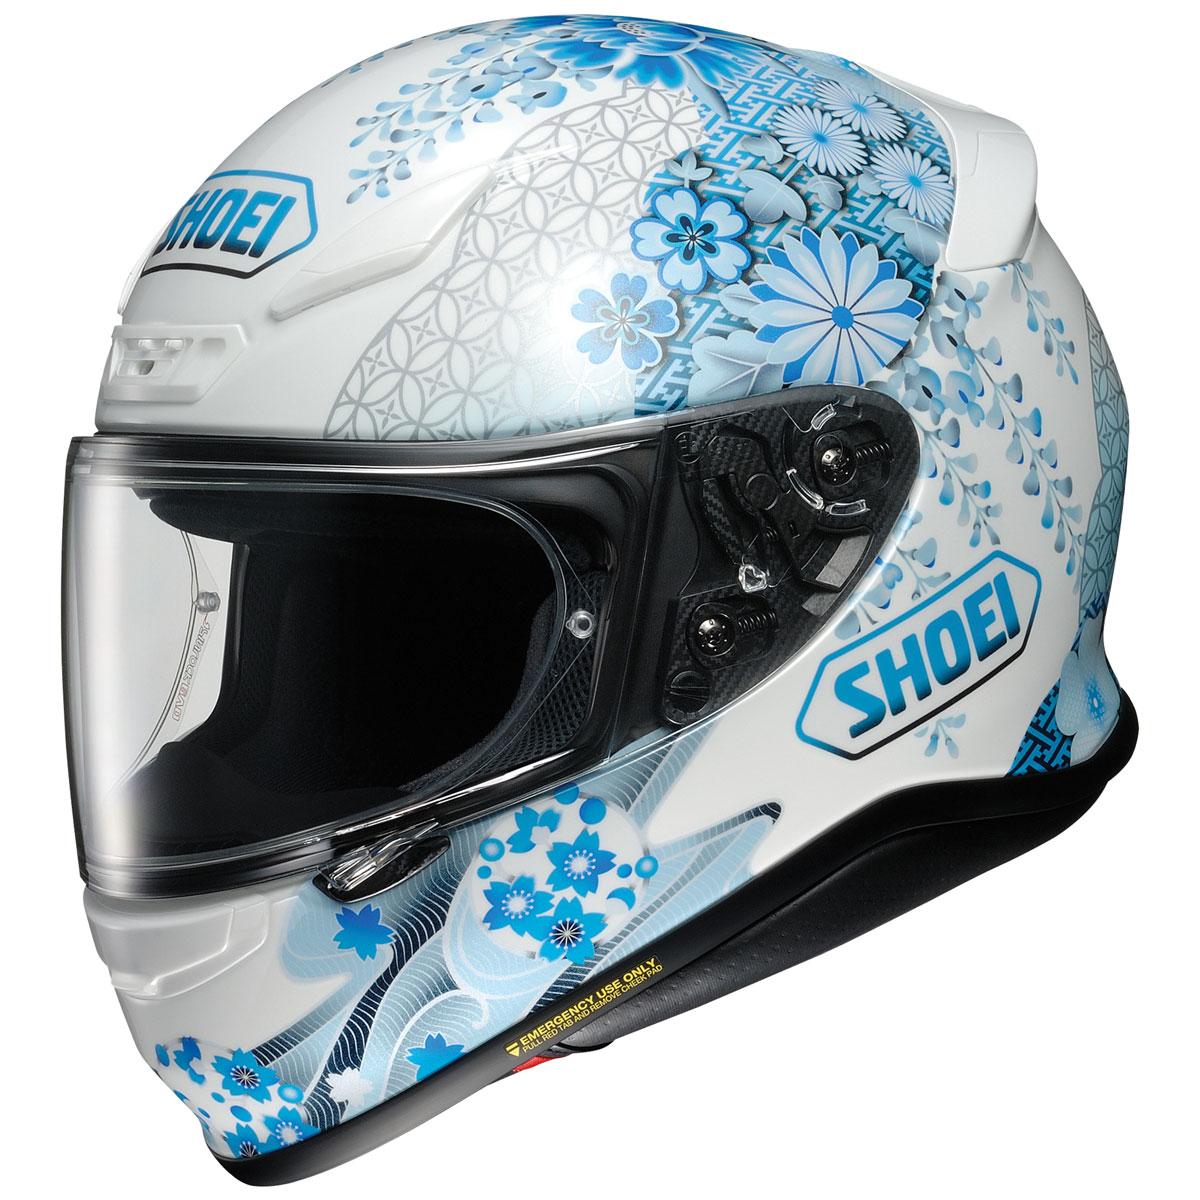 Shoei RF-1200 Harmonic Blue/White Full Face Helmet